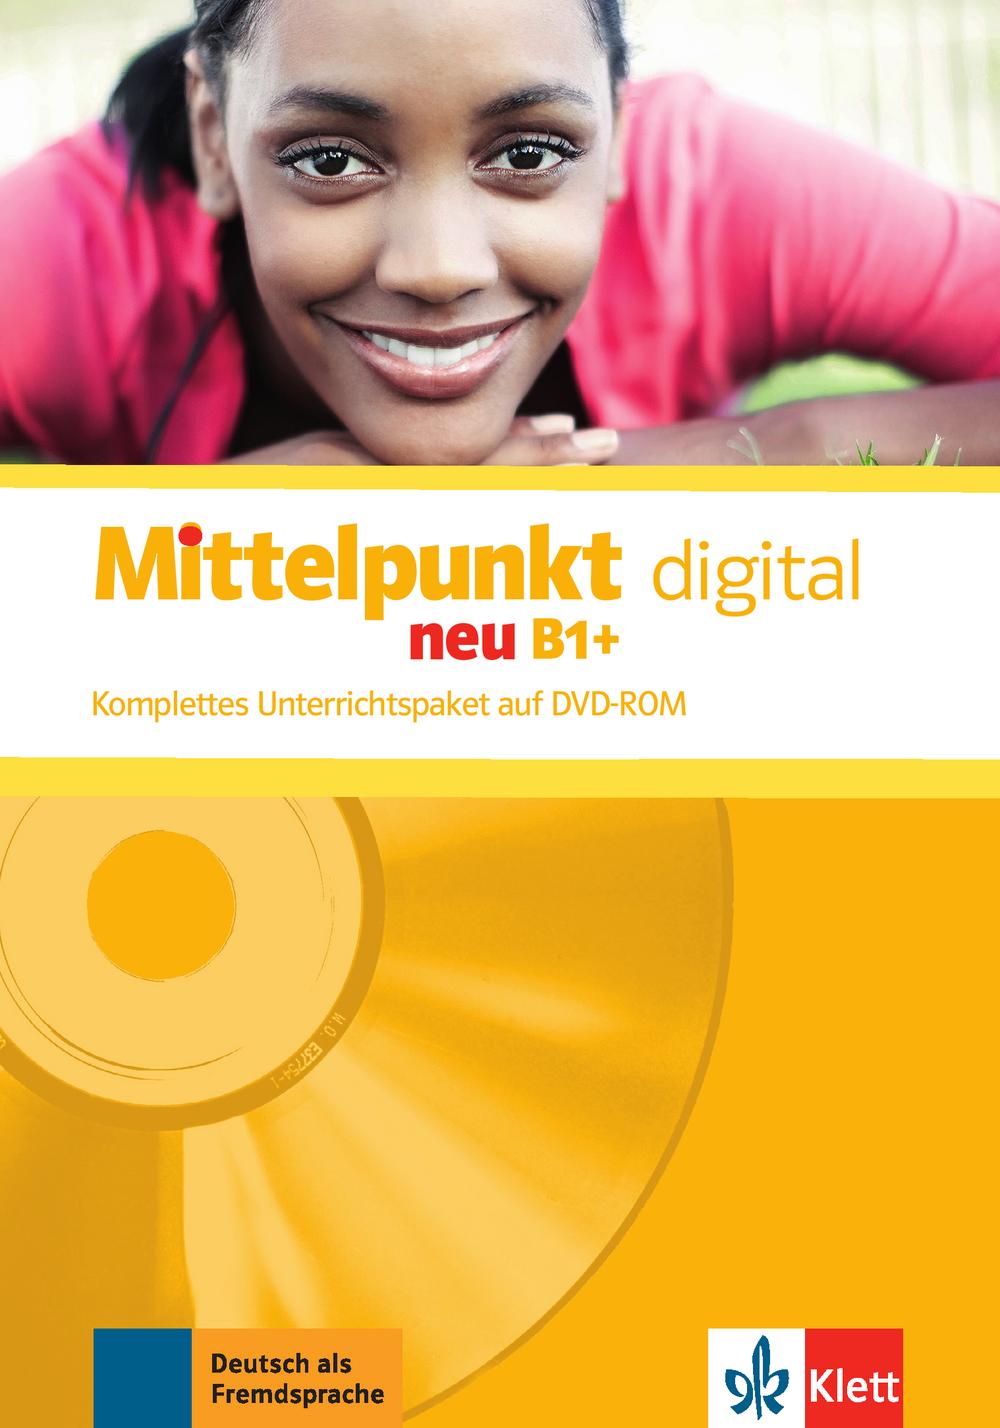 Mittelpunkt Neu B1+ digital